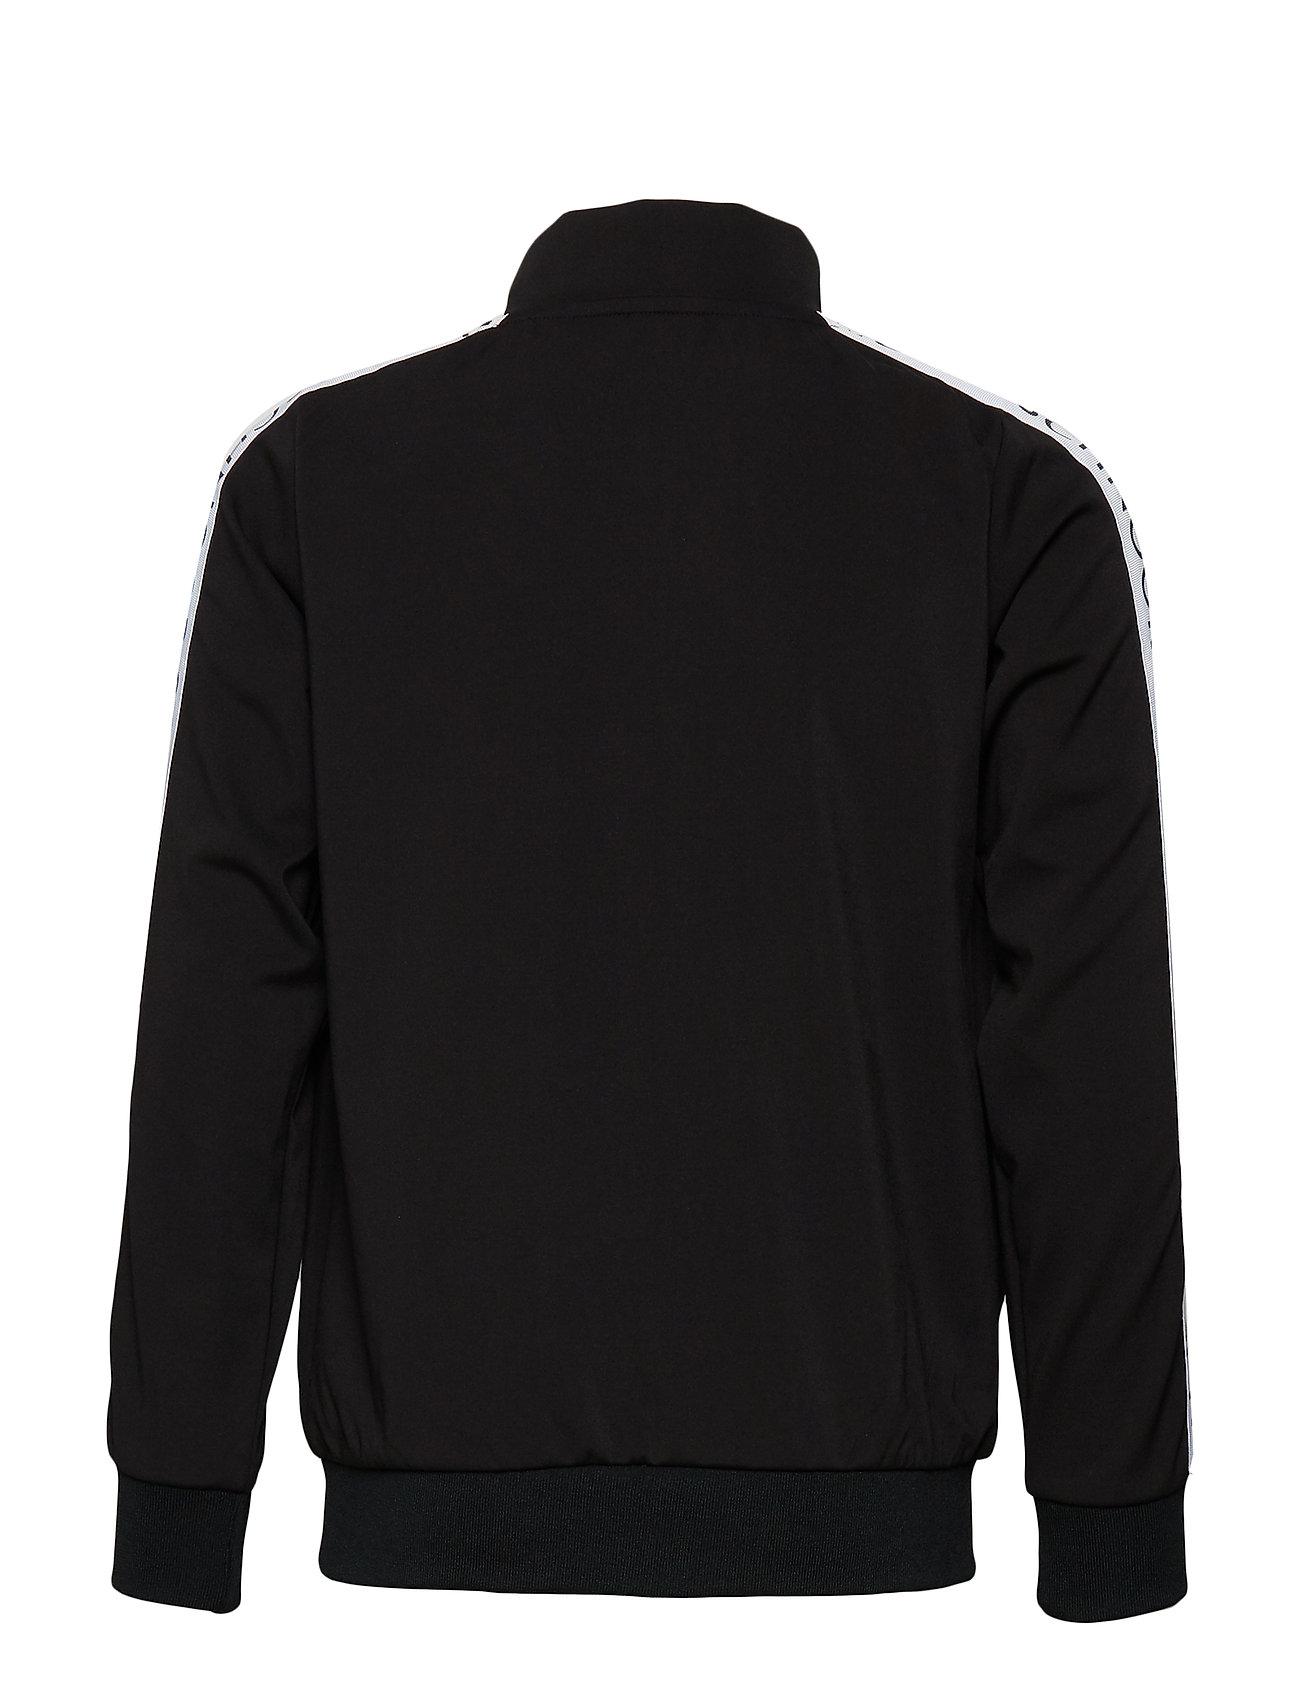 a080f6228493 Petit by Sofie Schnoor sweatshirts – Bomber Jacket til børn i Sort ...